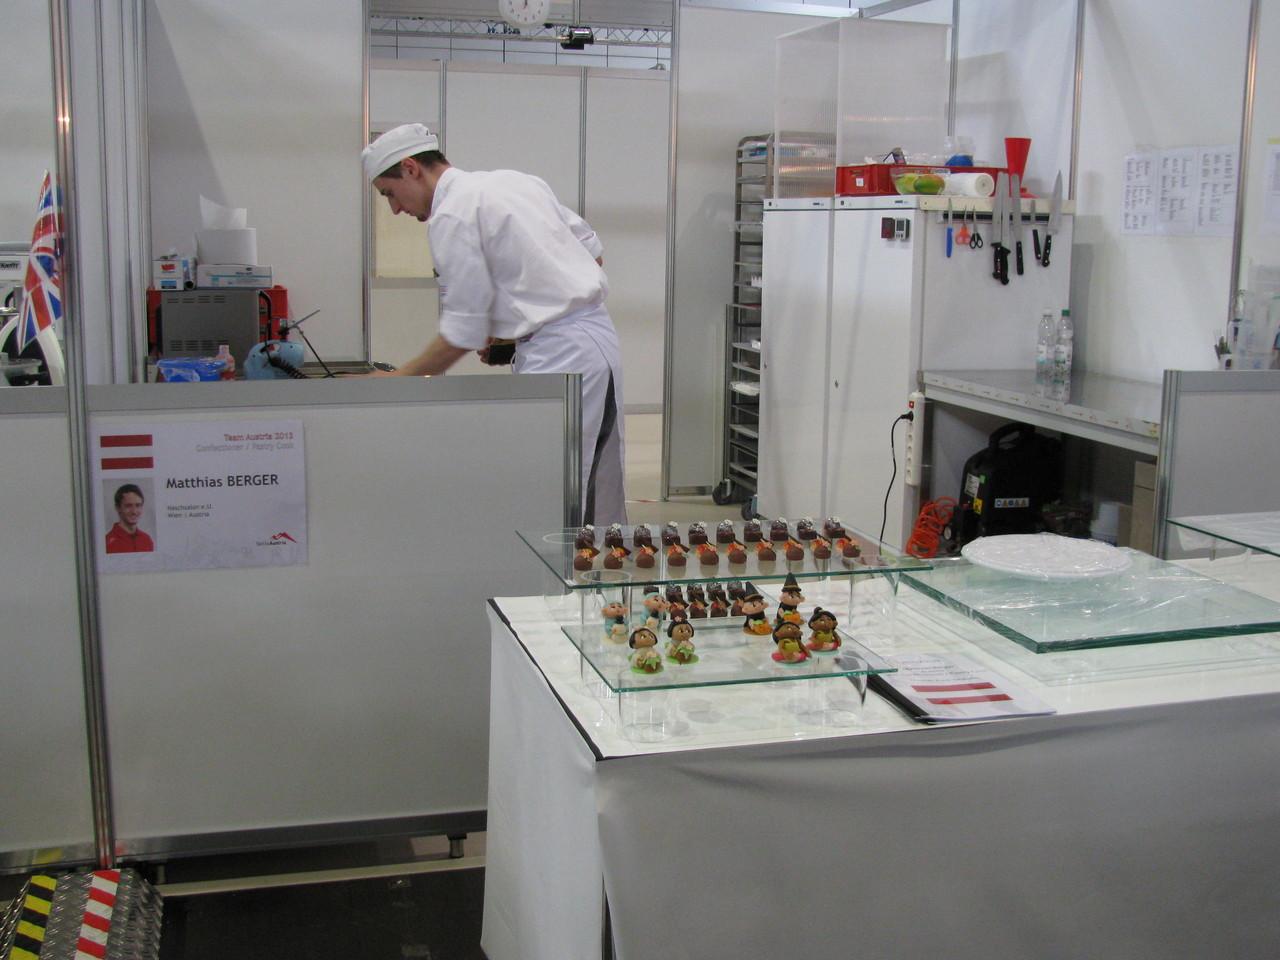 Mathias Berger aus Wien in Österreich konzentrierte sich als Confectioner voll auf das Lösen seiner WM- Aufgaben